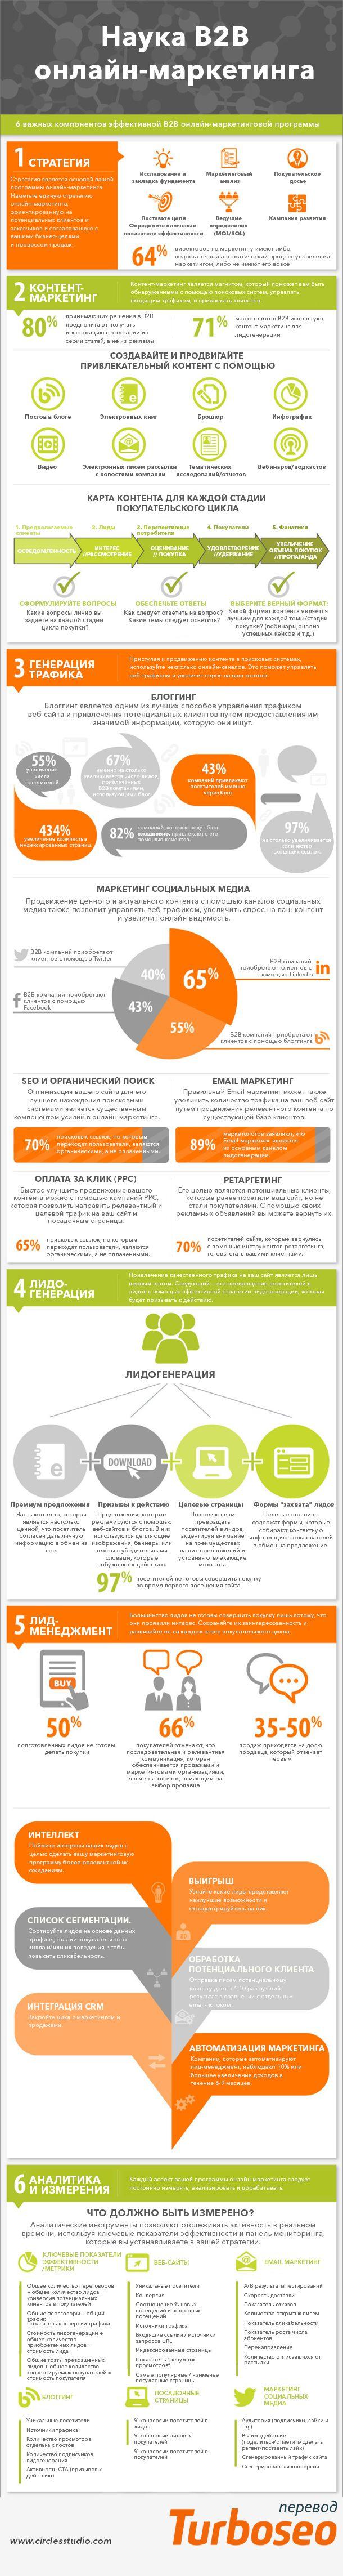 Наука В2В онлайн-маркетинга